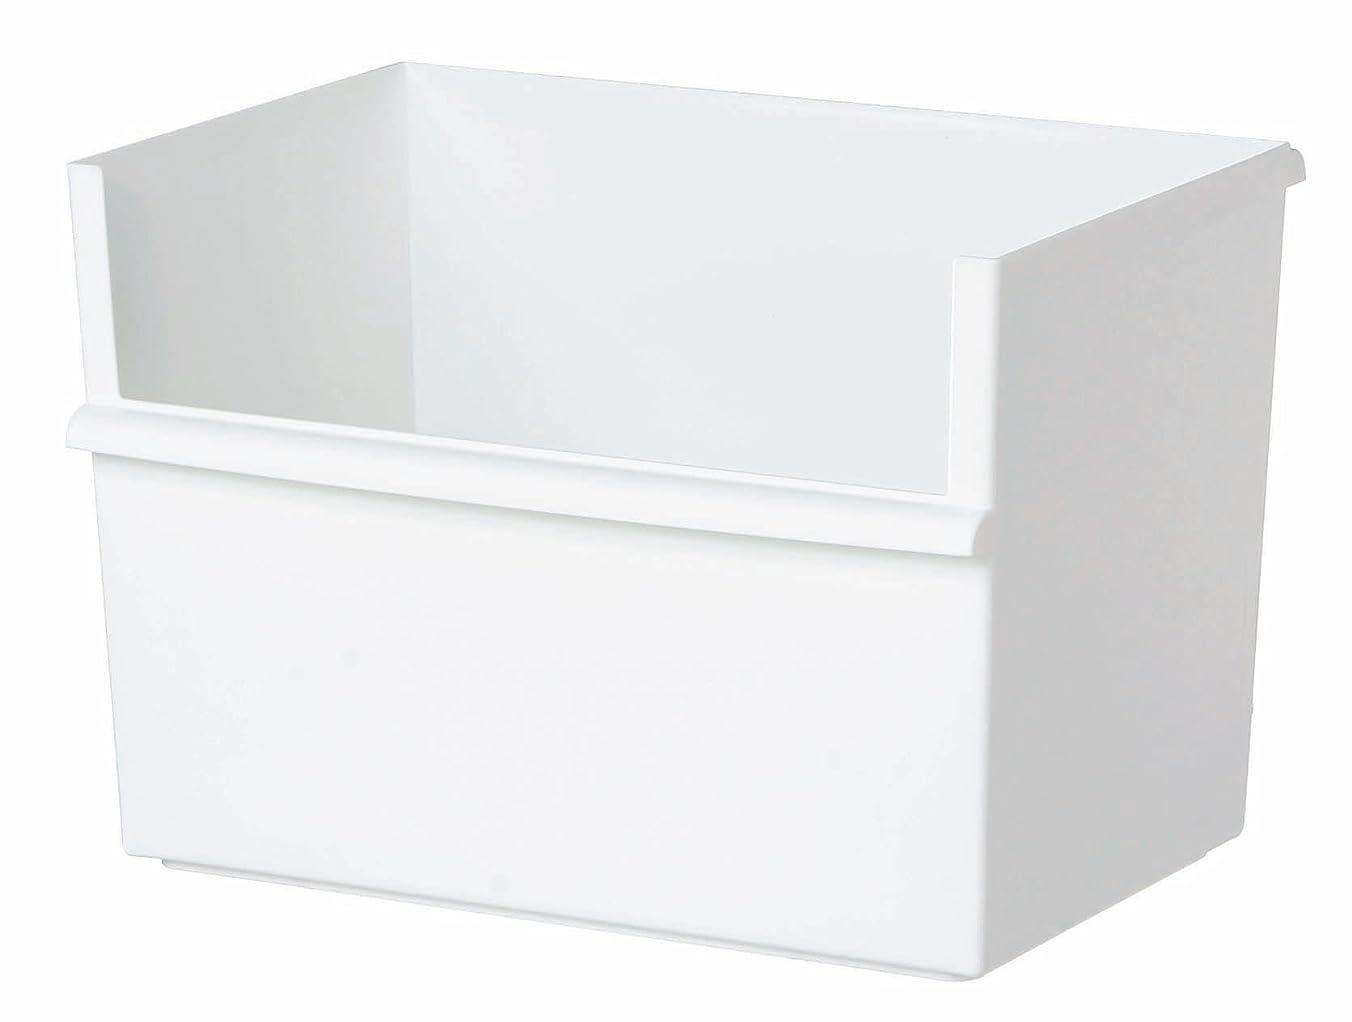 翻訳サンプル色合いlike-it 小物収納 コンテナー ワイド 深型 ホワイト 幅38x奥26.8x高26cm JT-01